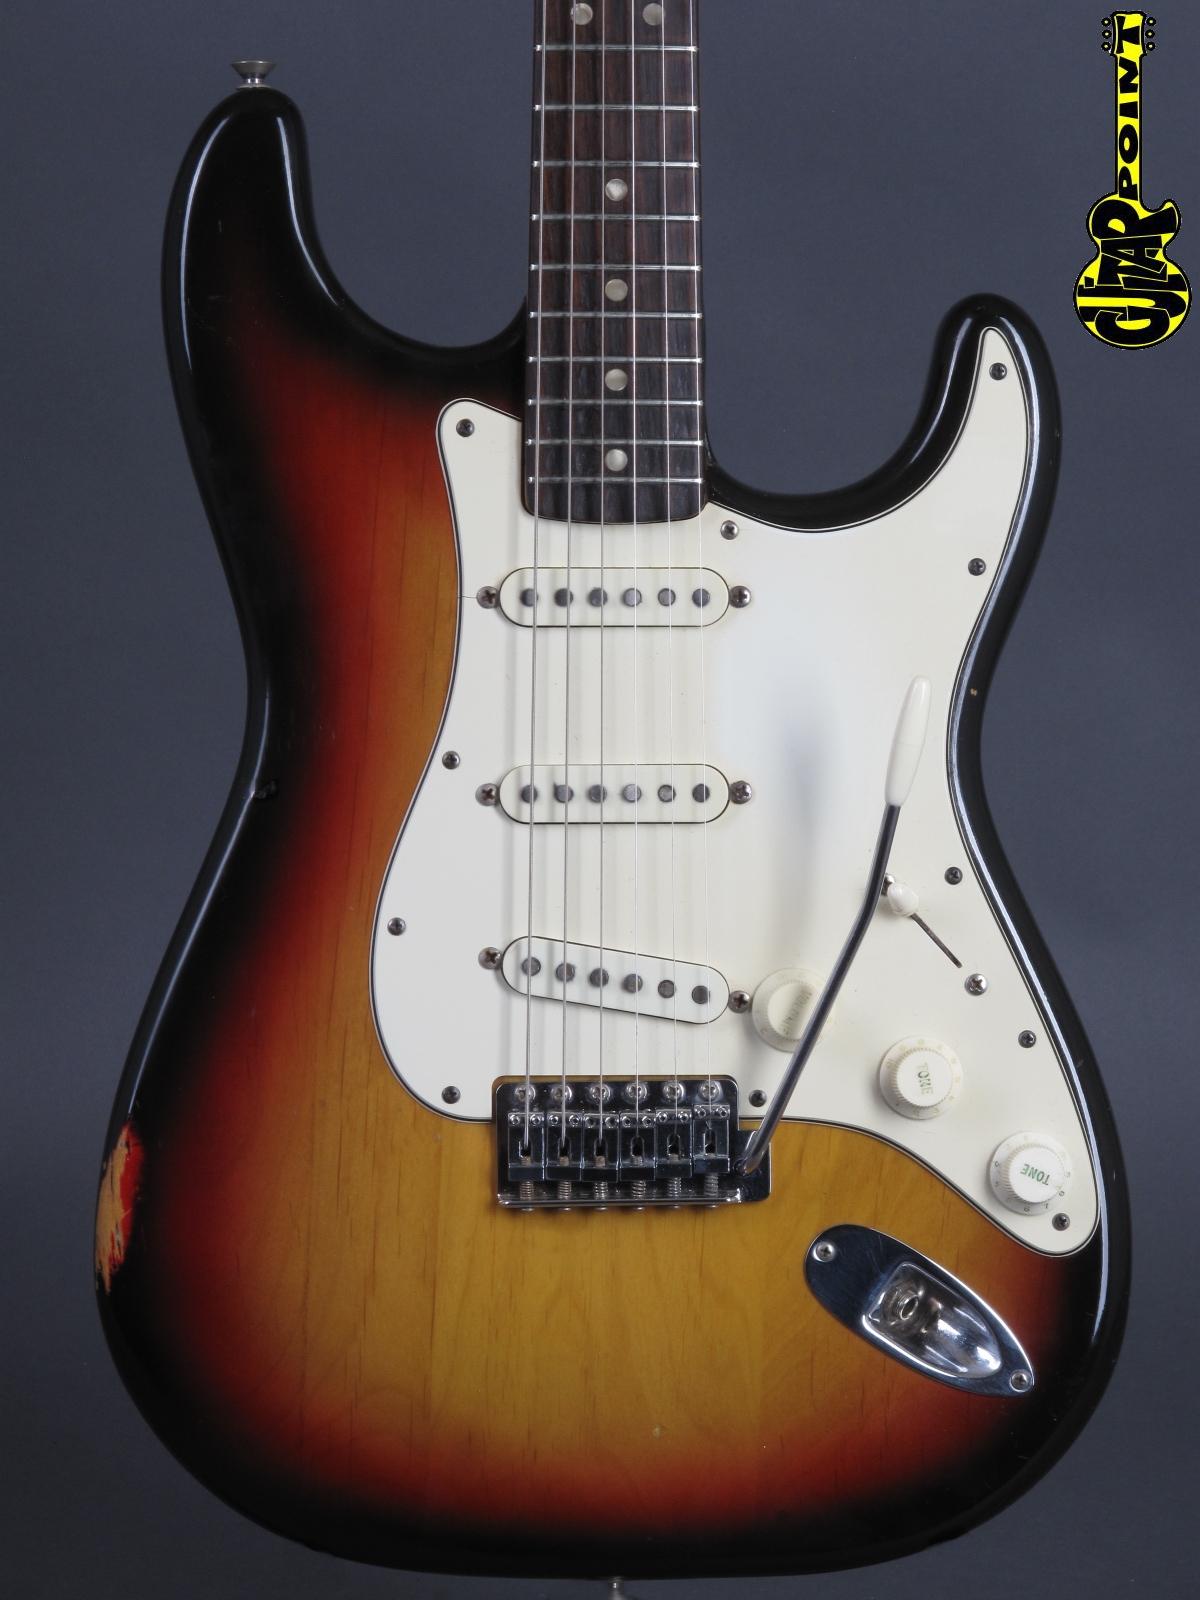 1973 Fender Stratocaster - 3t-Sunburst / Rosewood neck